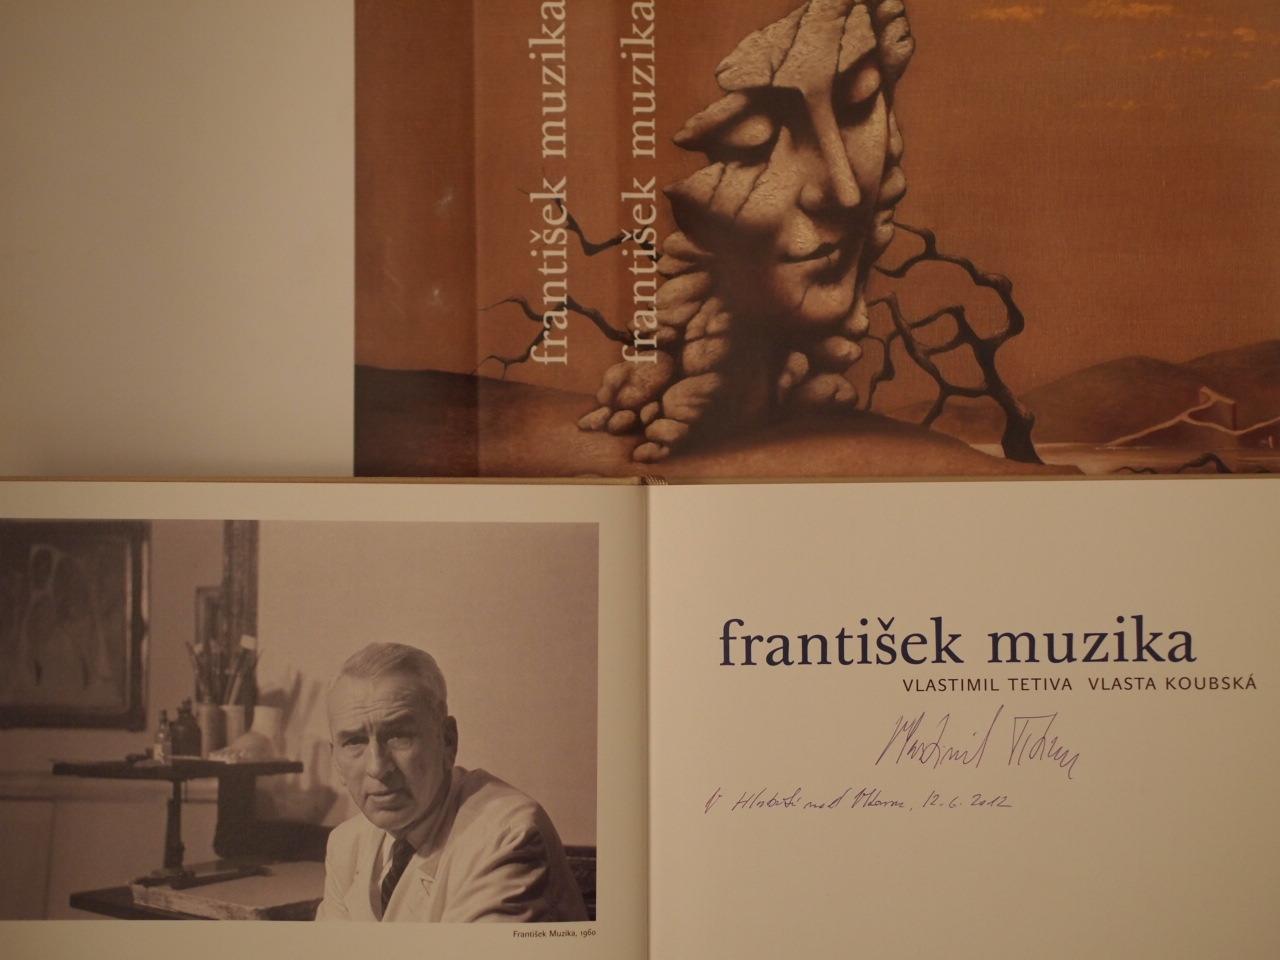 František muzika